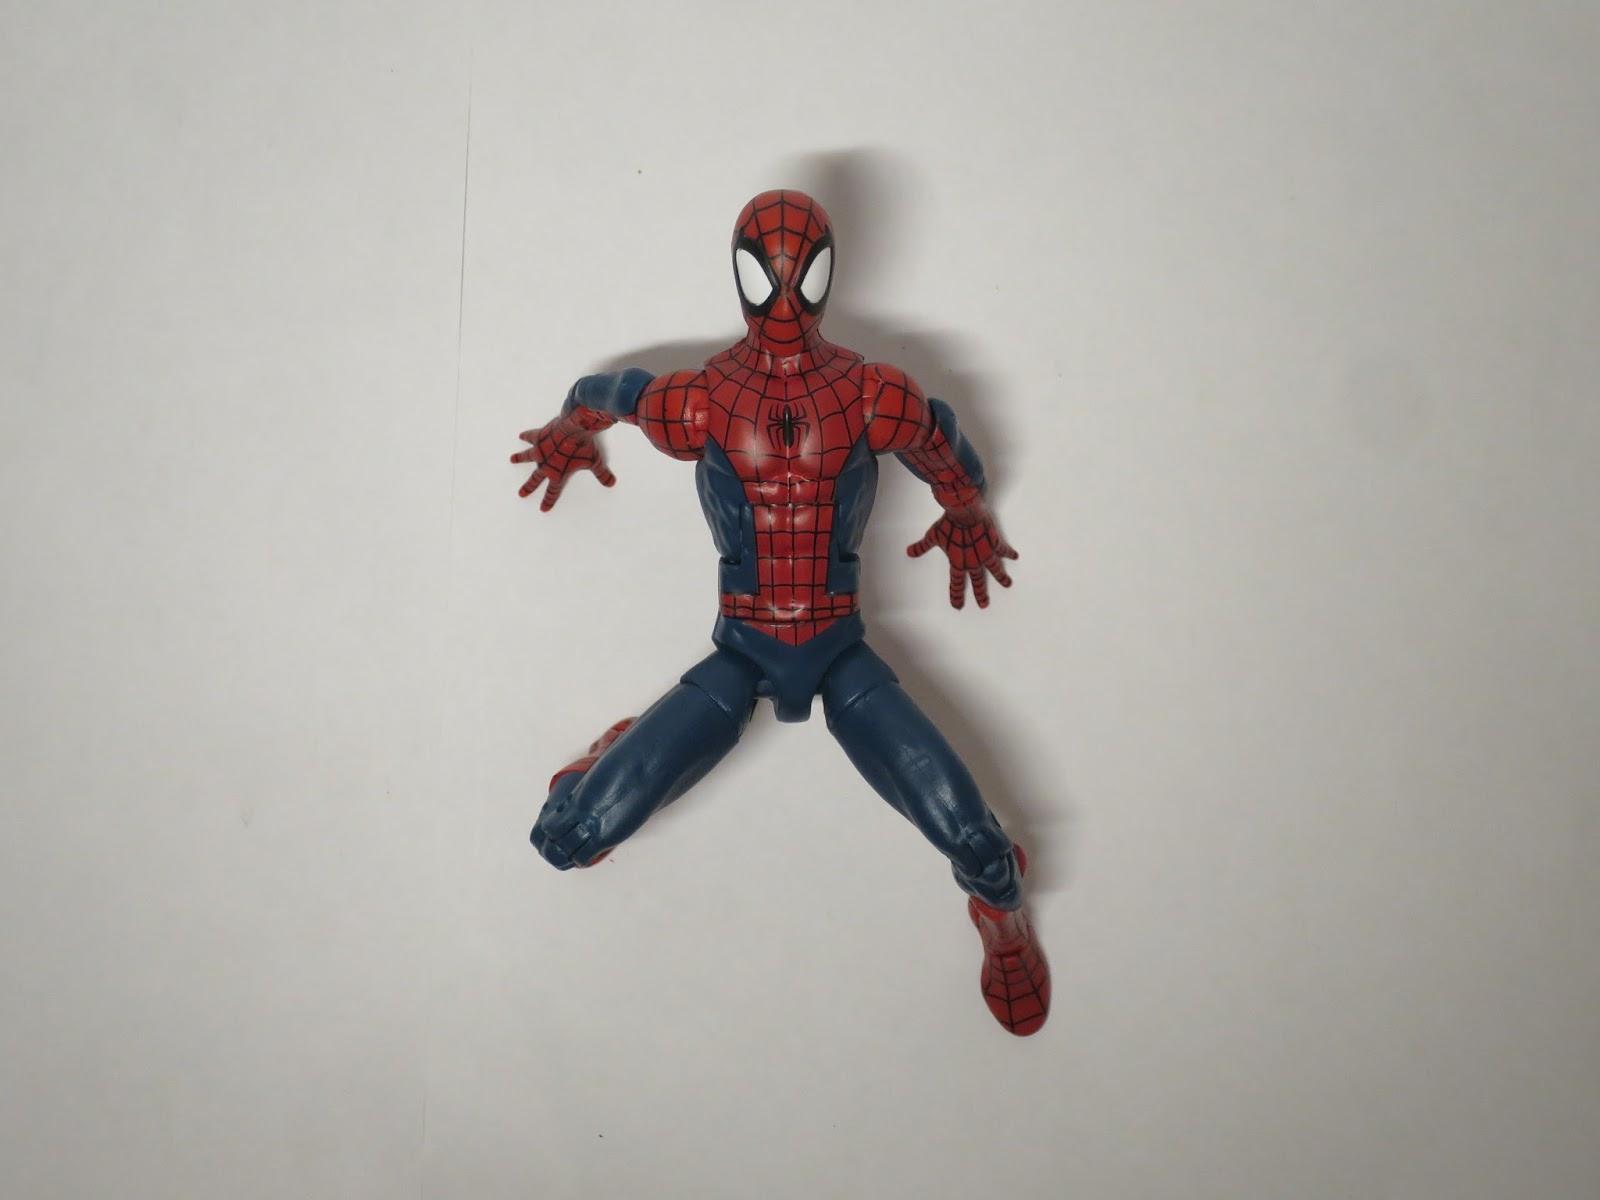 ultimate spider man venom toy - photo #11